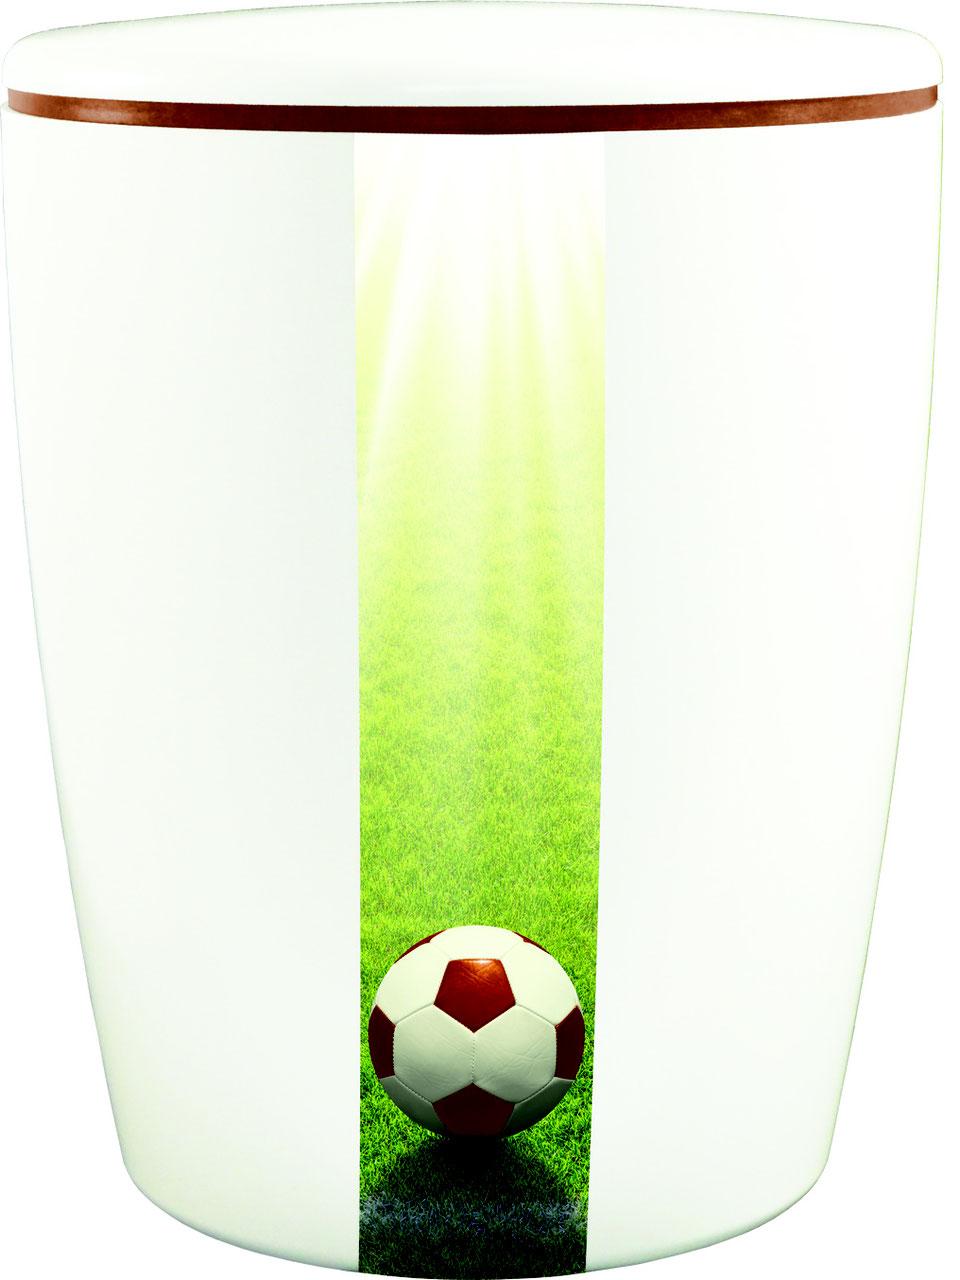 fussball urne / weiß - urne privat kaufen - welt-bestattung - freie